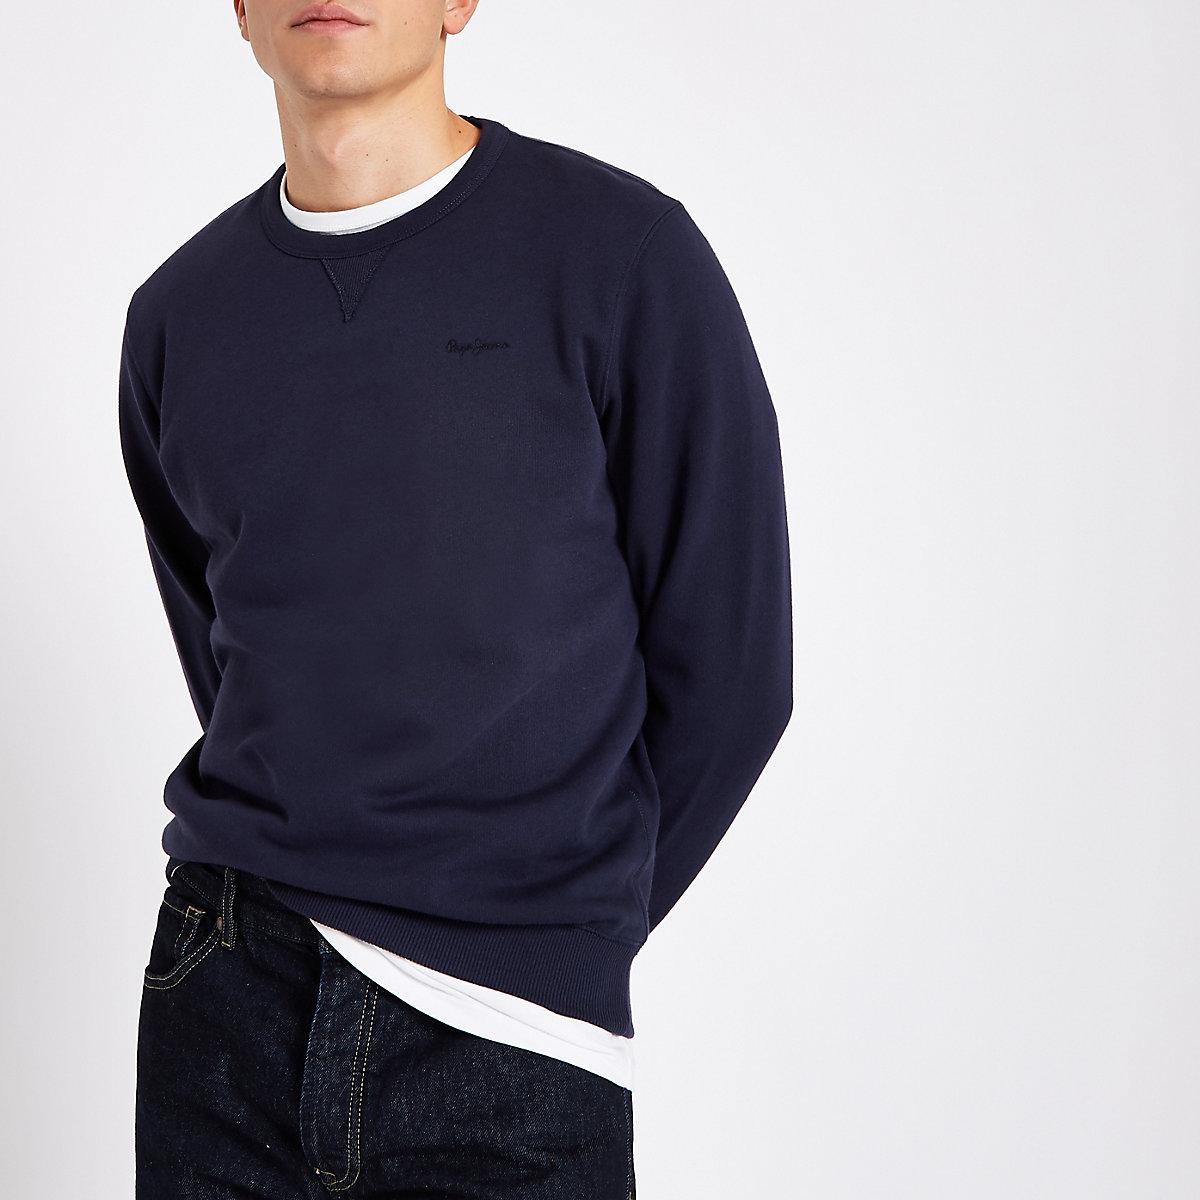 Pepe Jeans navy crew neck sweater